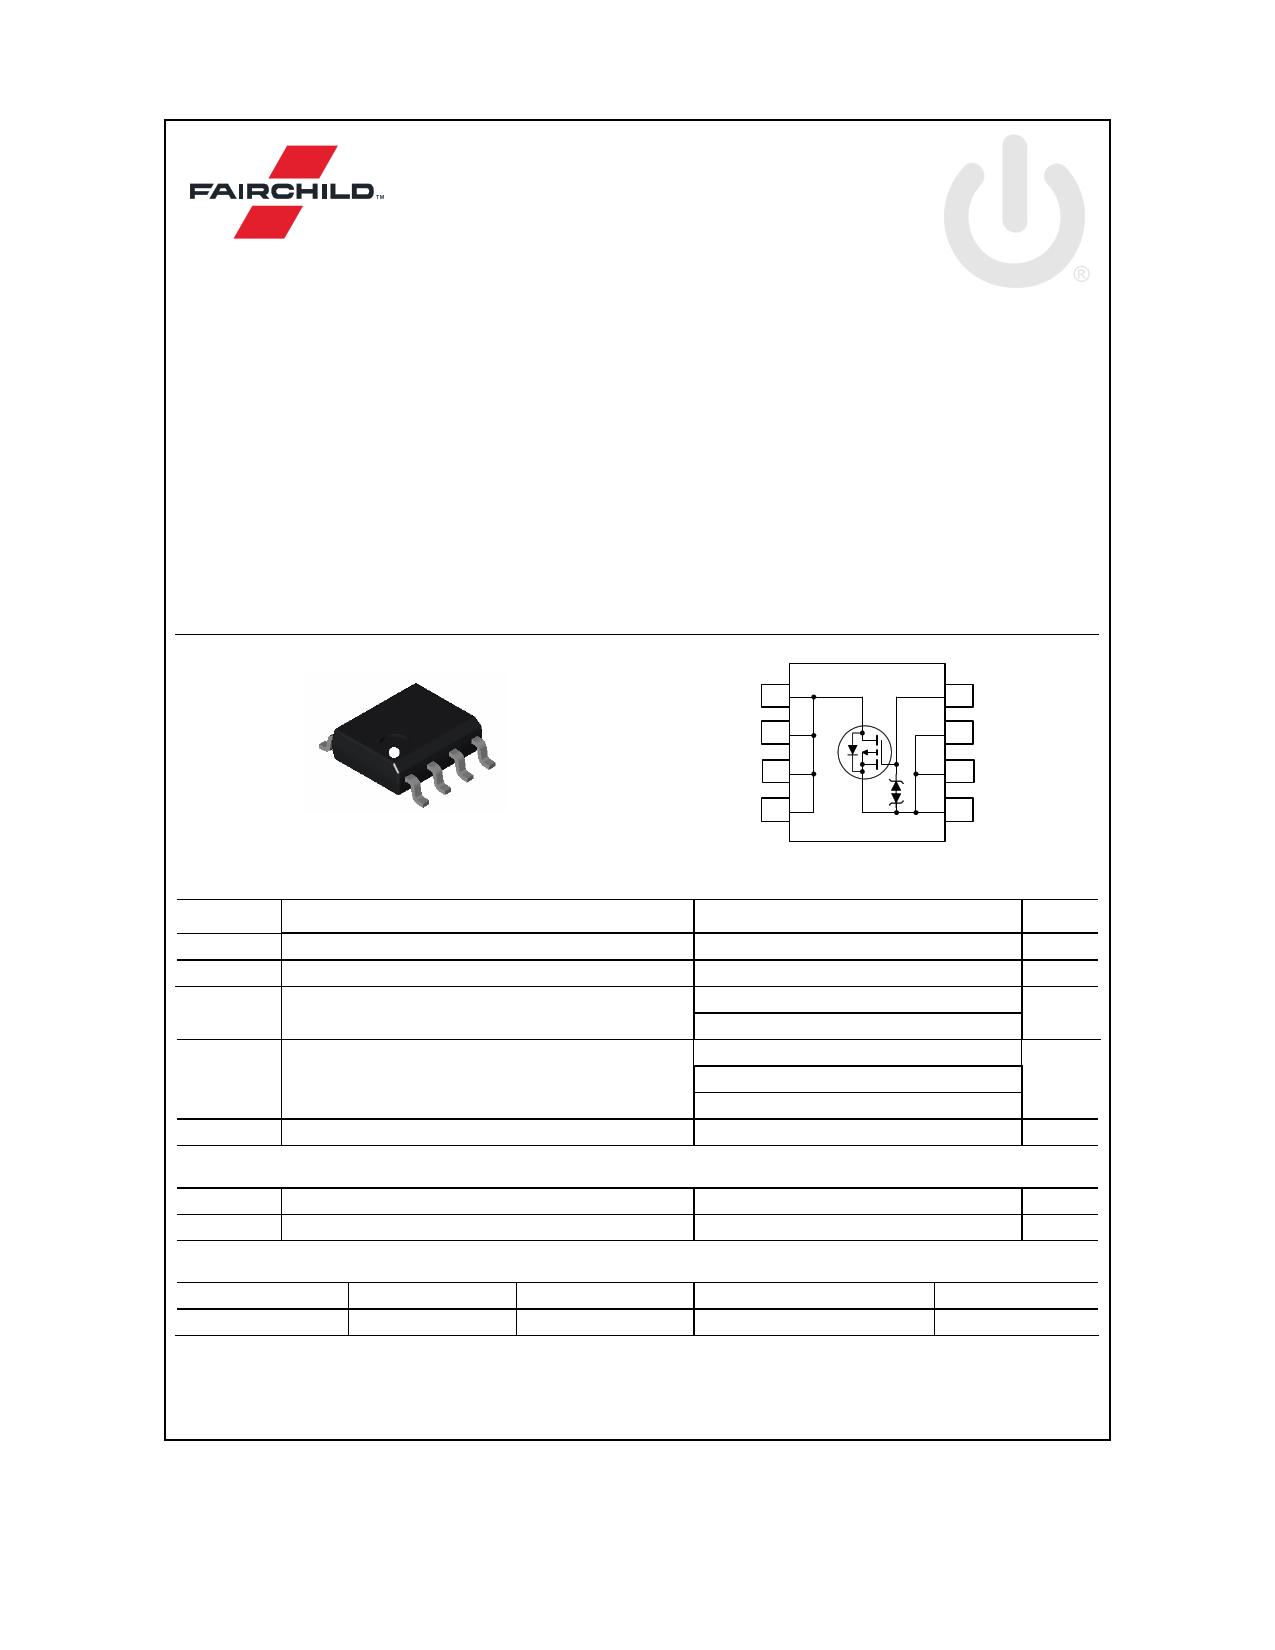 FDS6681Z 데이터시트 및 FDS6681Z PDF